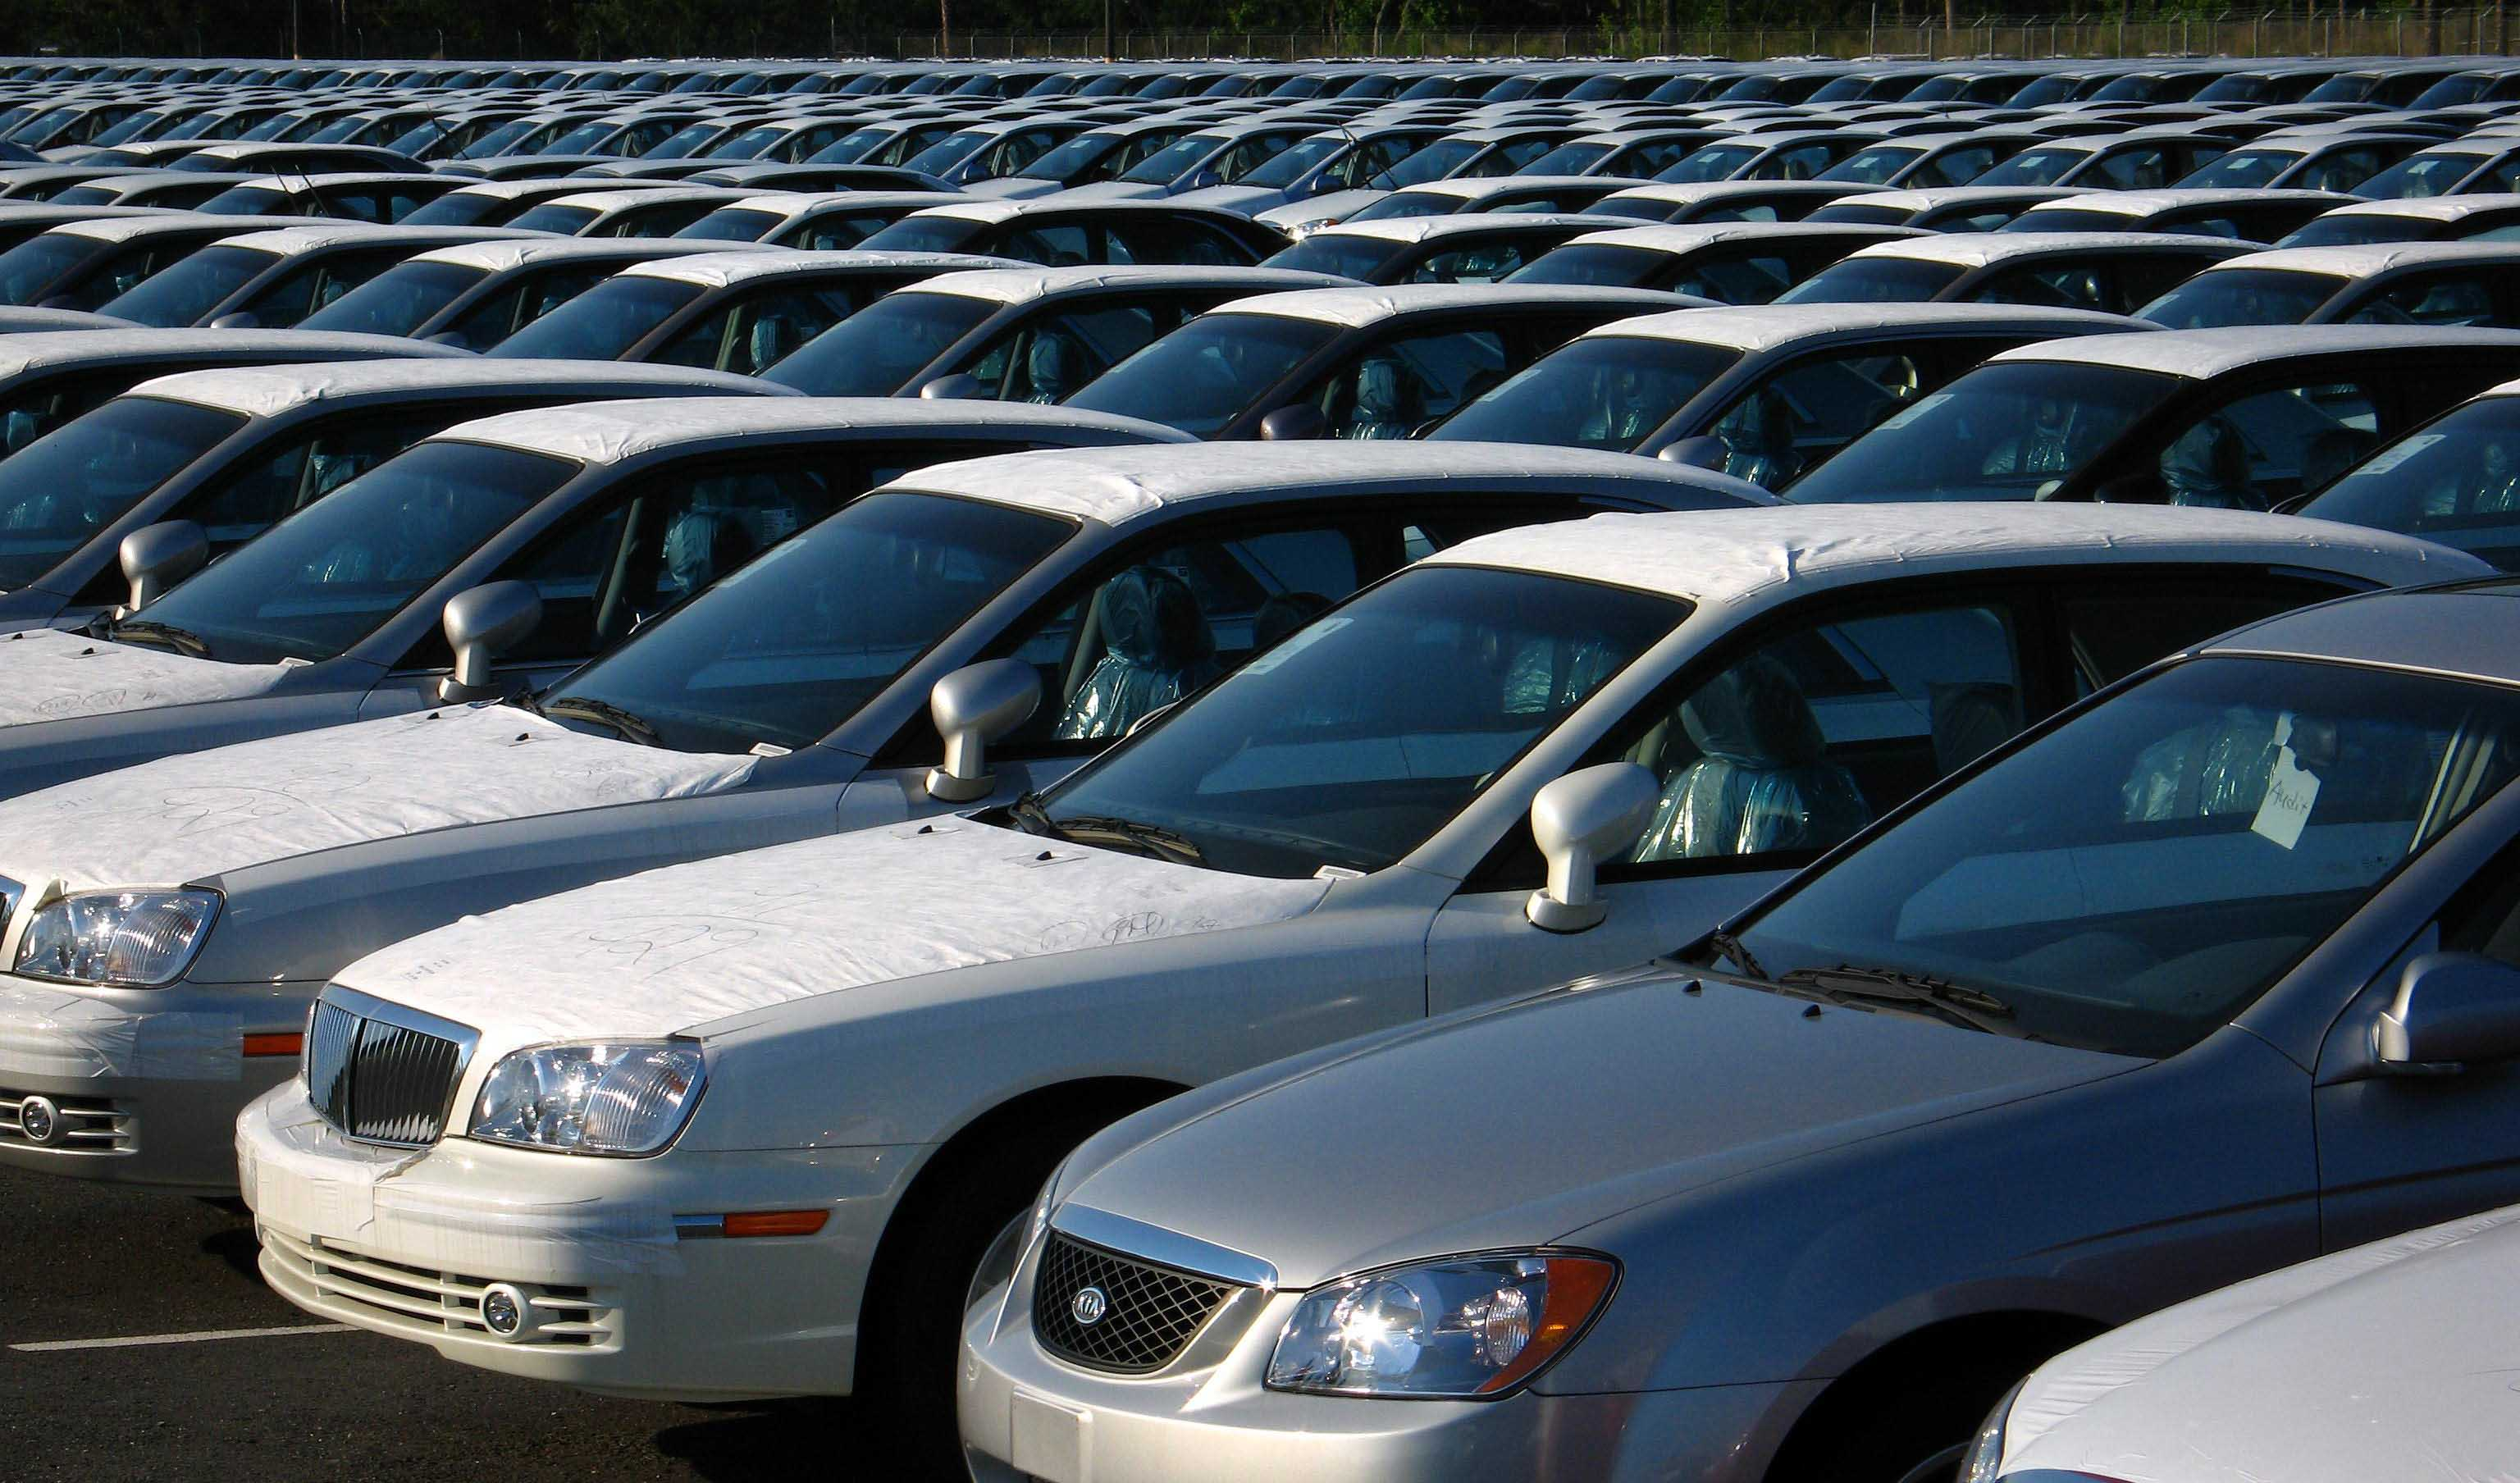 توضیحات سازمان حمایت درباره خودروهای تحویل نشده به مشتریان